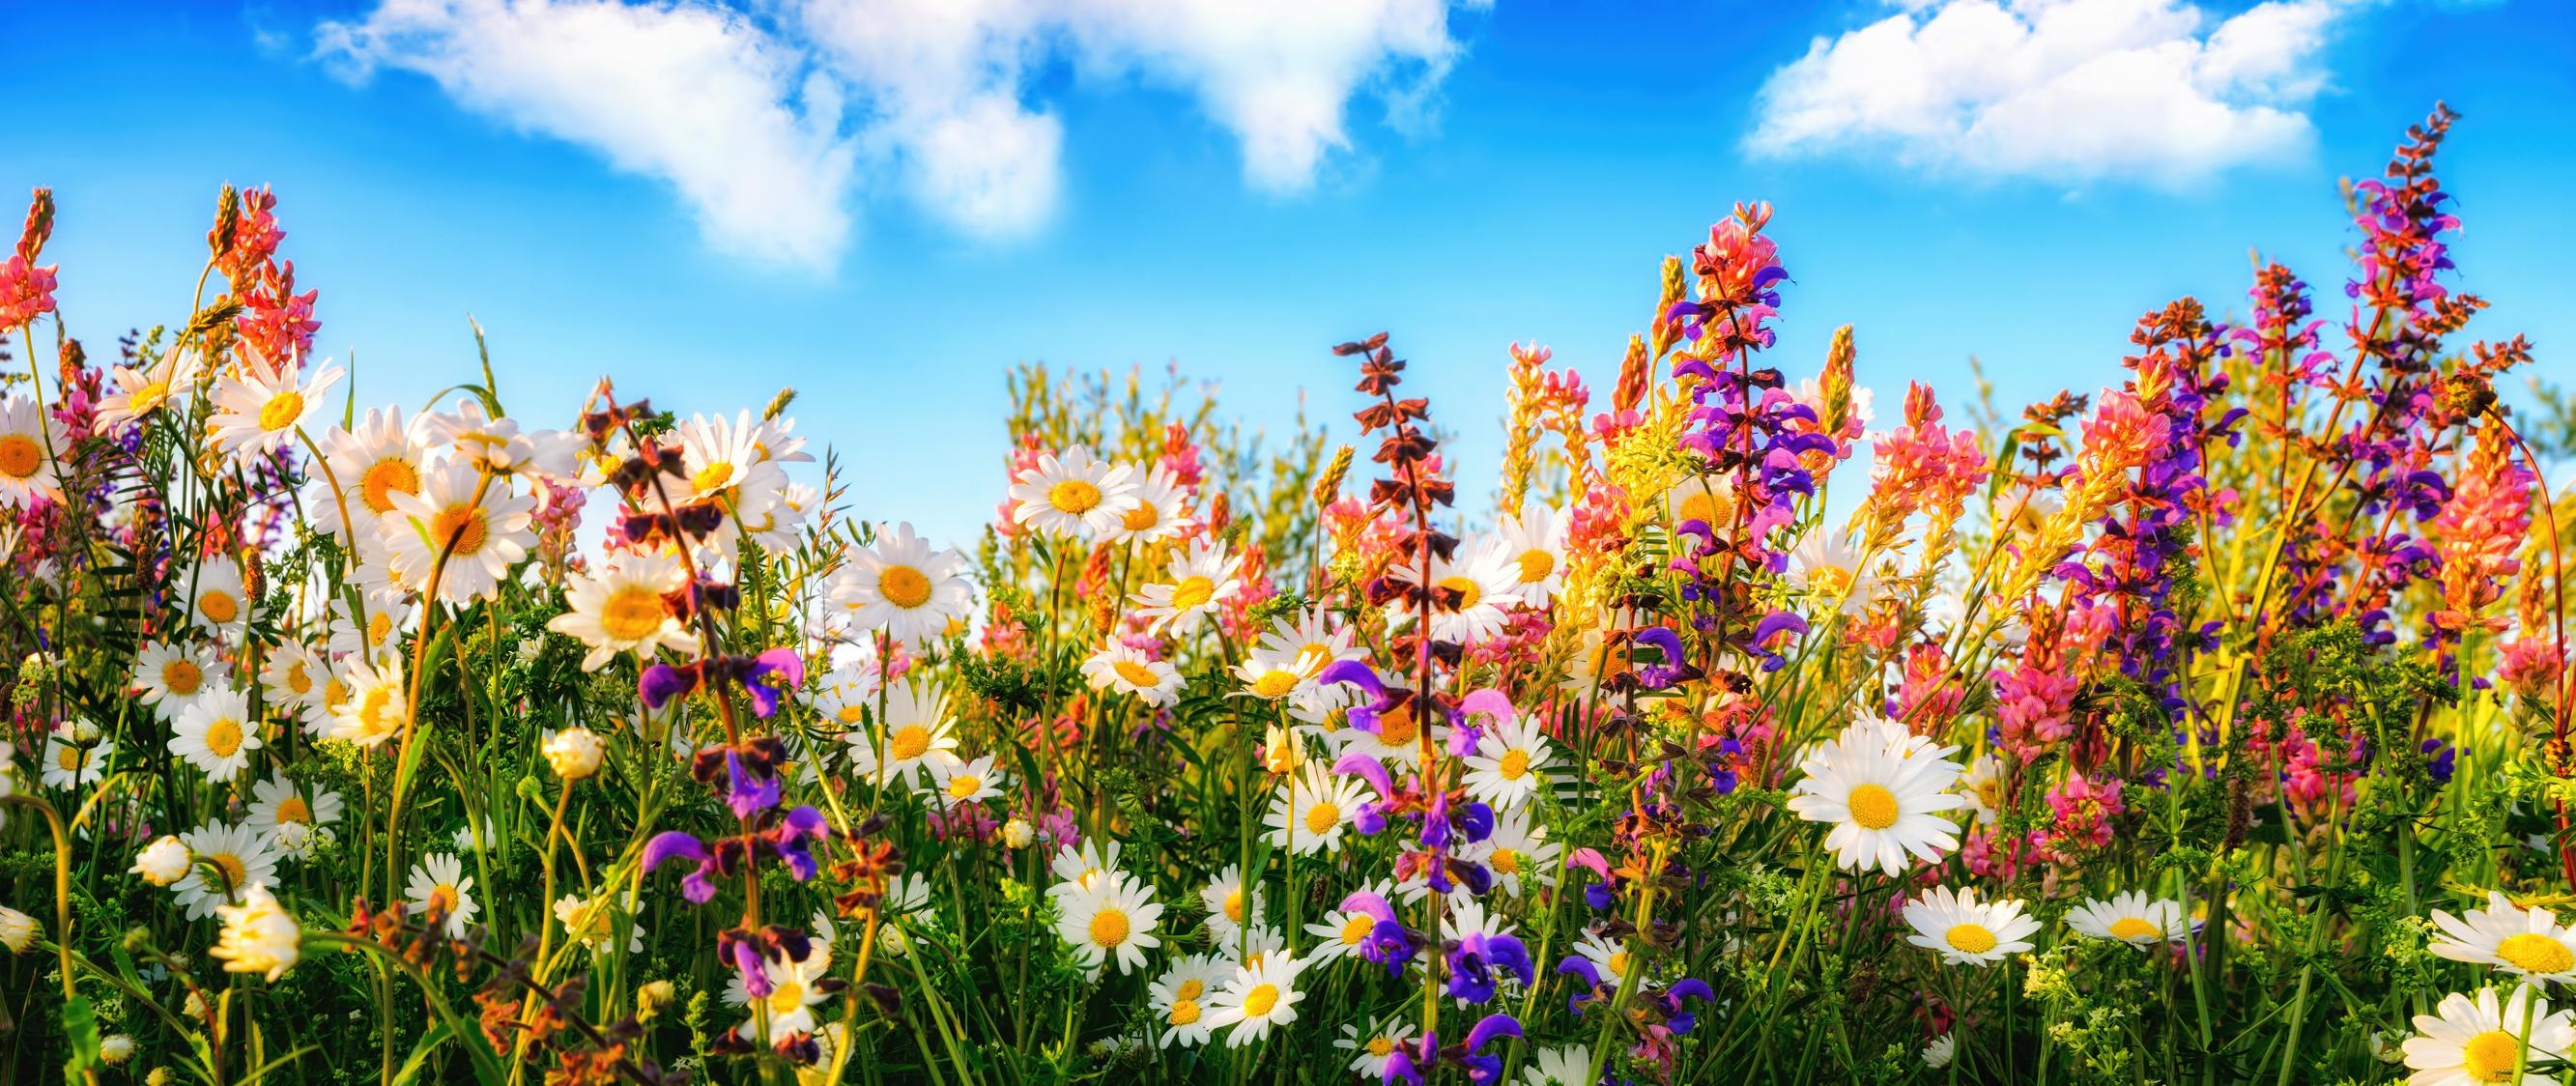 Spring-Flower-Planting-Guide-1.jpg